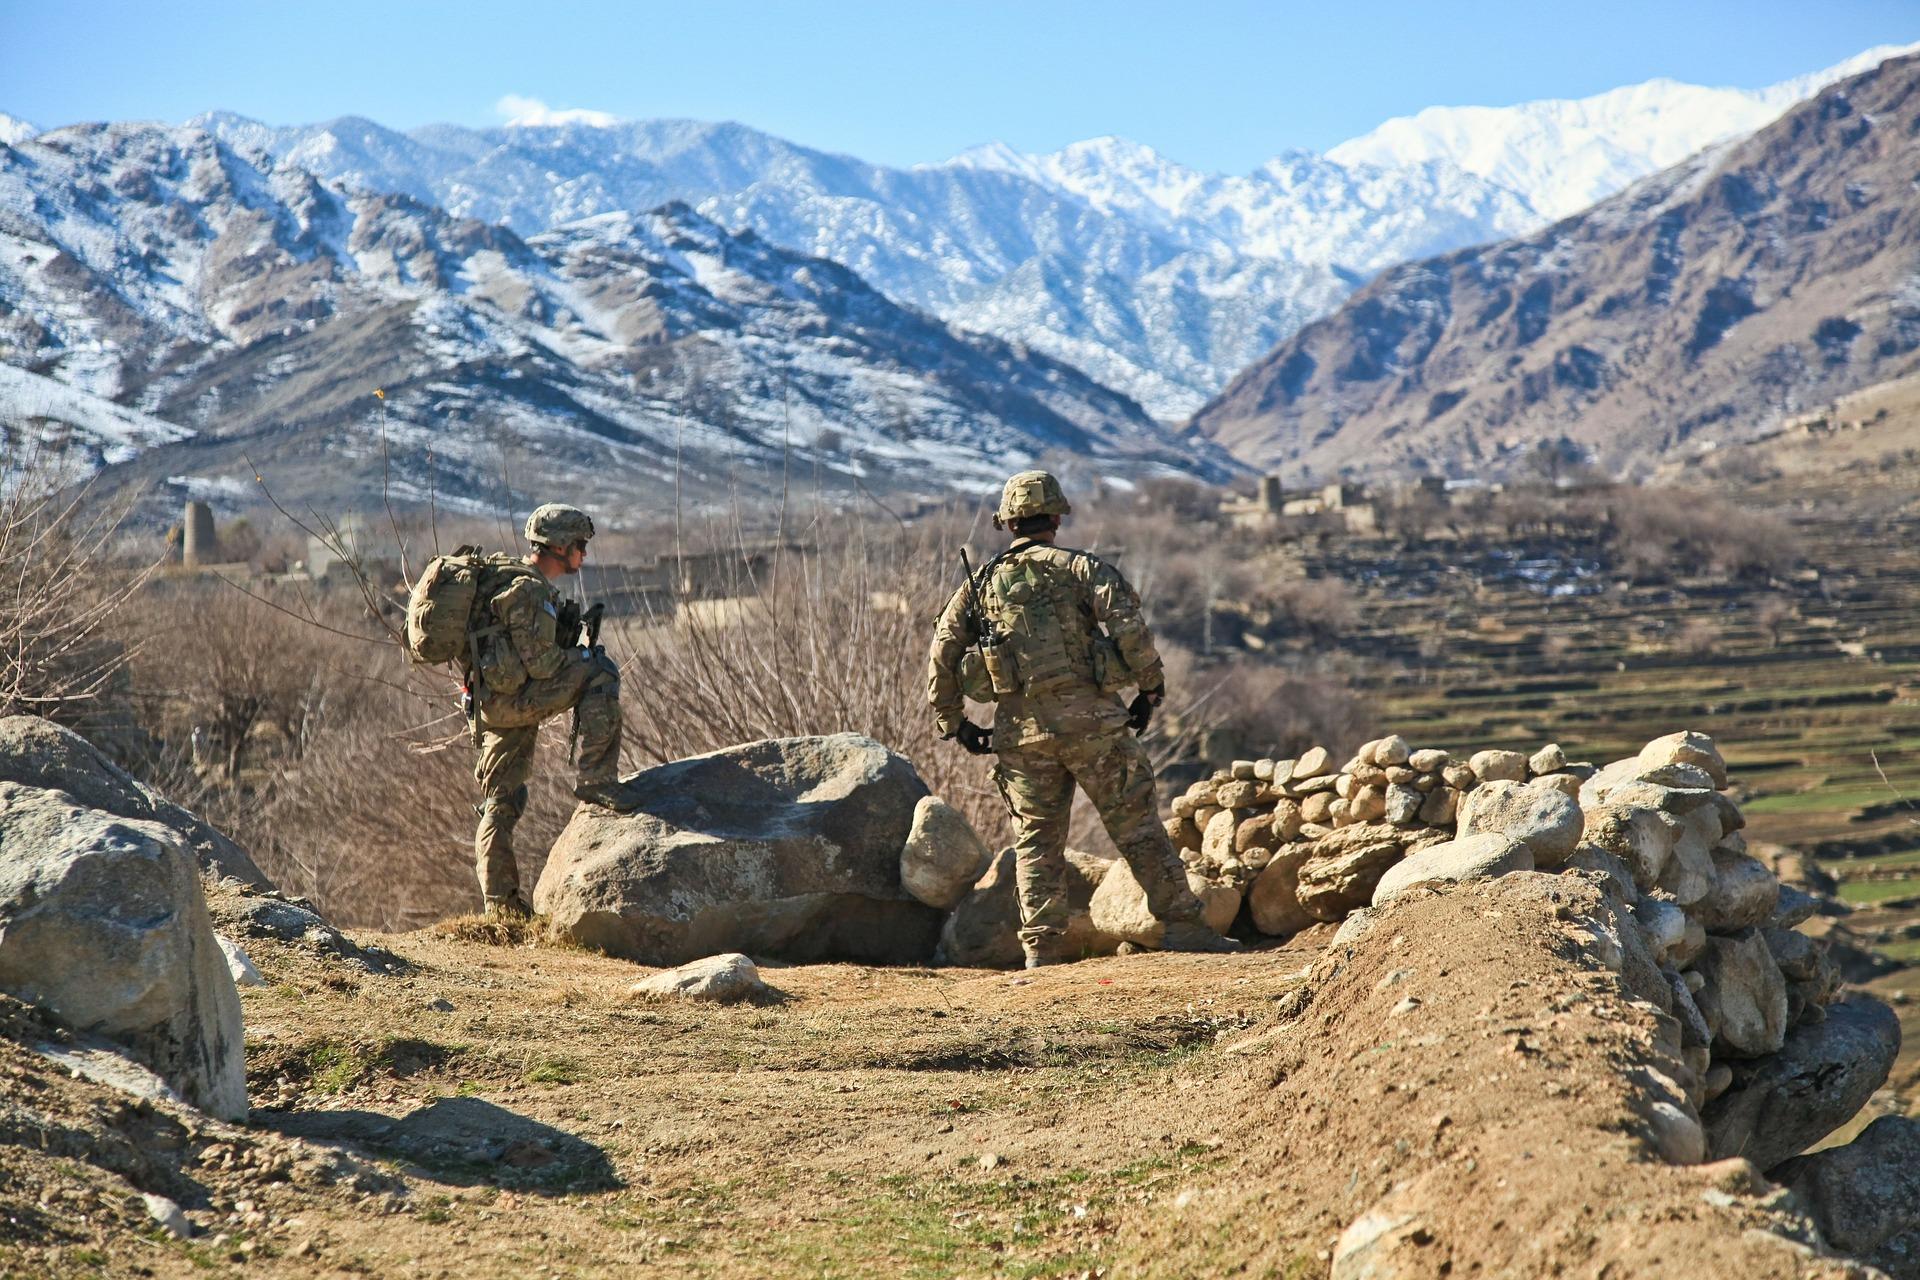 soldiers-60714_1920.jpg